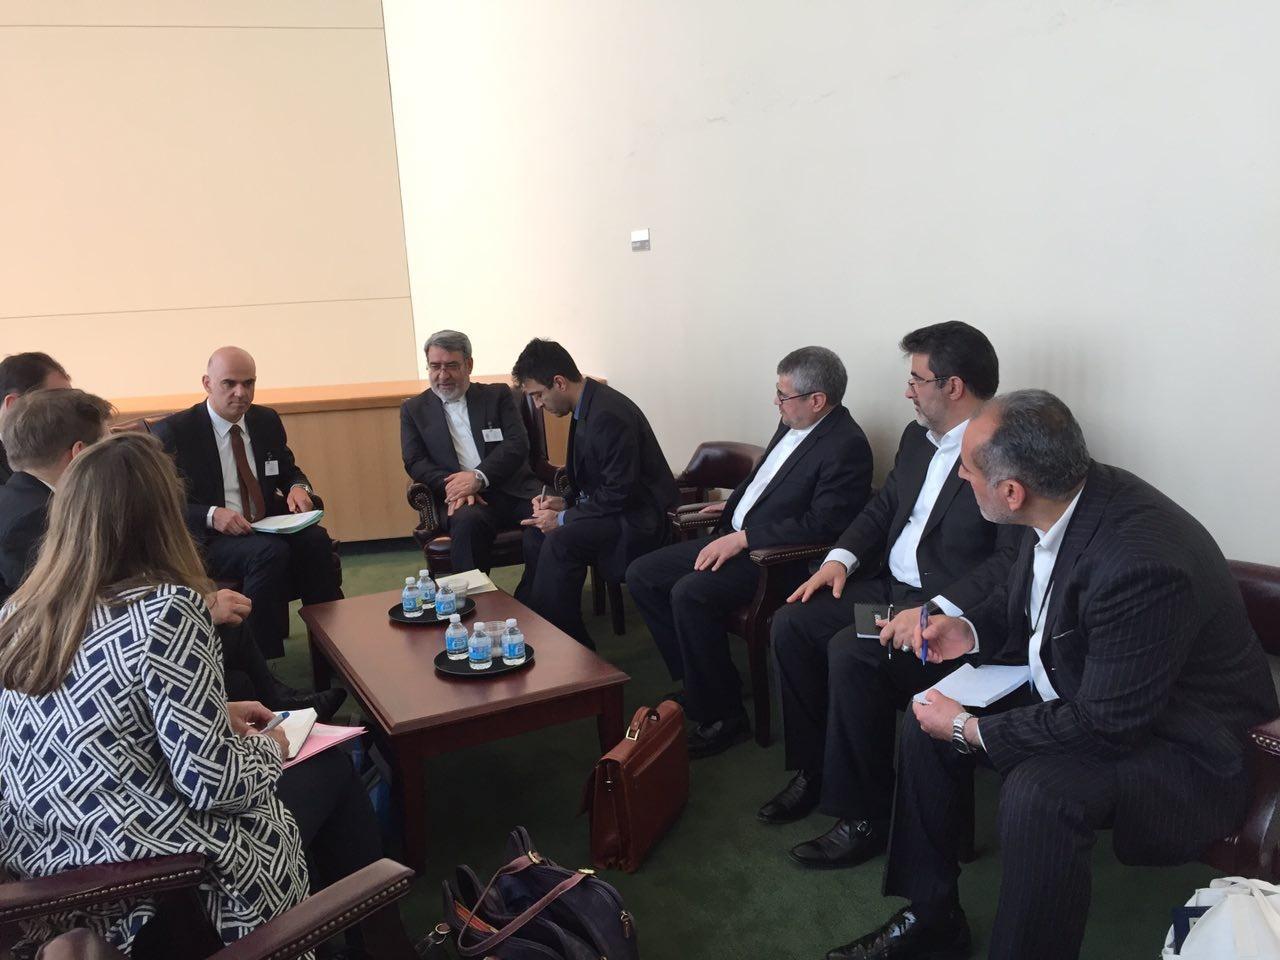 دیدارهای رحمانی فضلی در نیویورک با وزیر کشور سوئیس و معاون نخست وزیر چین درباره مواد مخدر